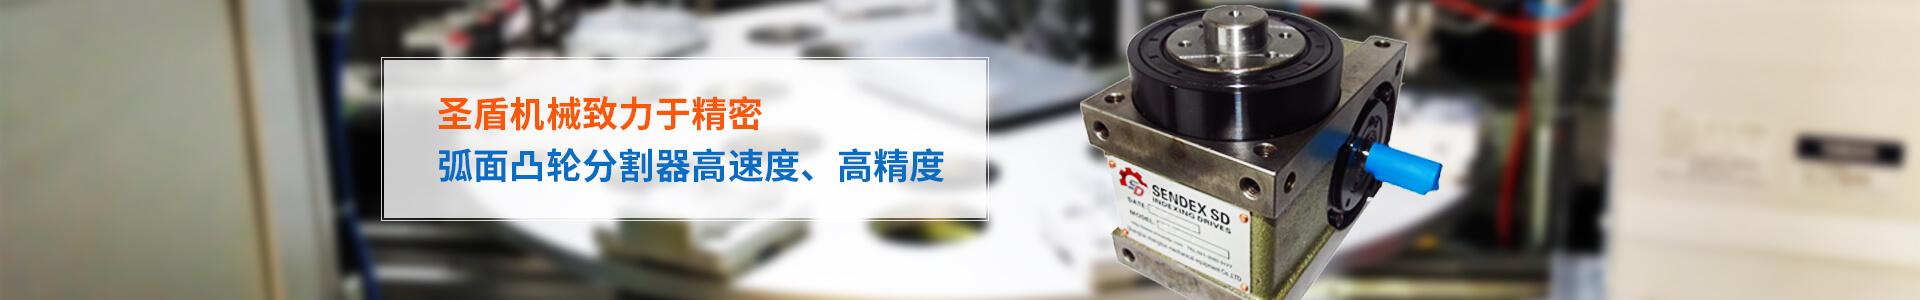 圣盾机械致力于精密 弧面凸轮分割器高速度、高精度